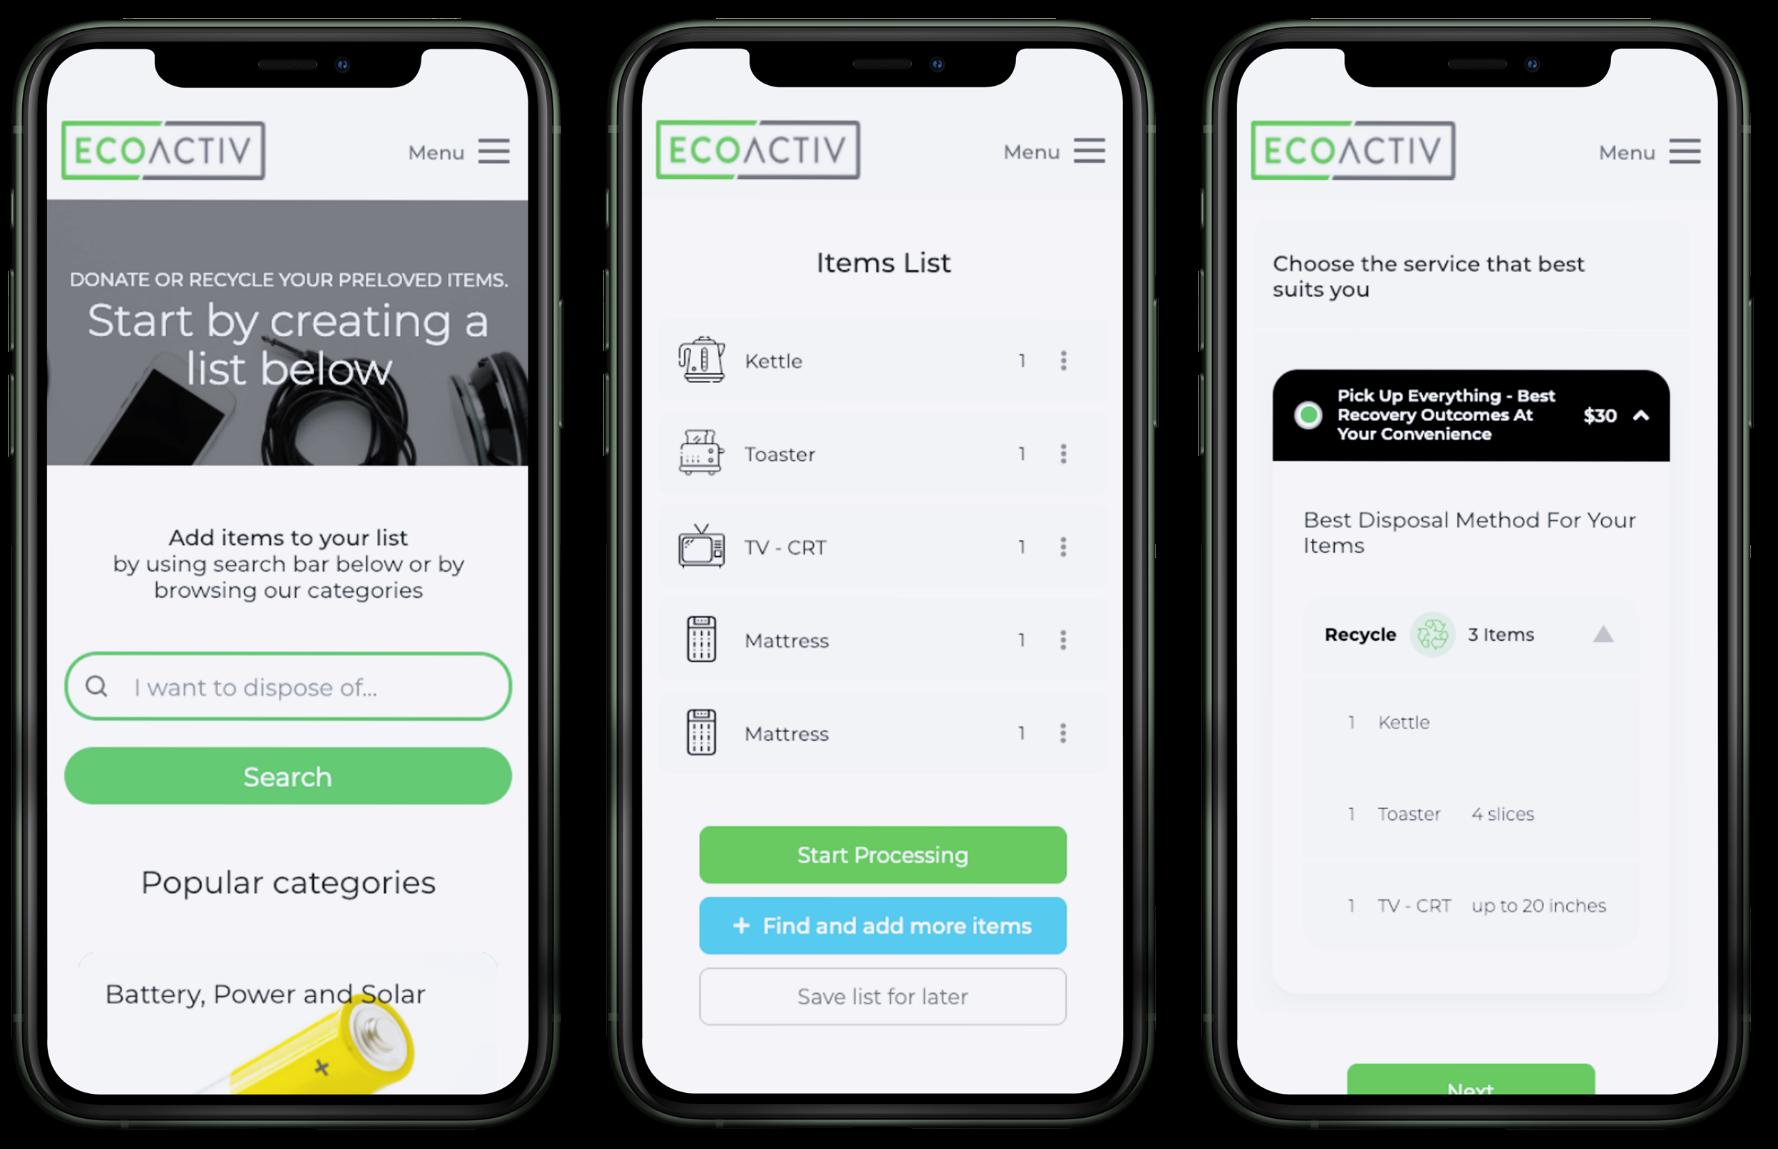 Ecoactiv Digital Platform How it works